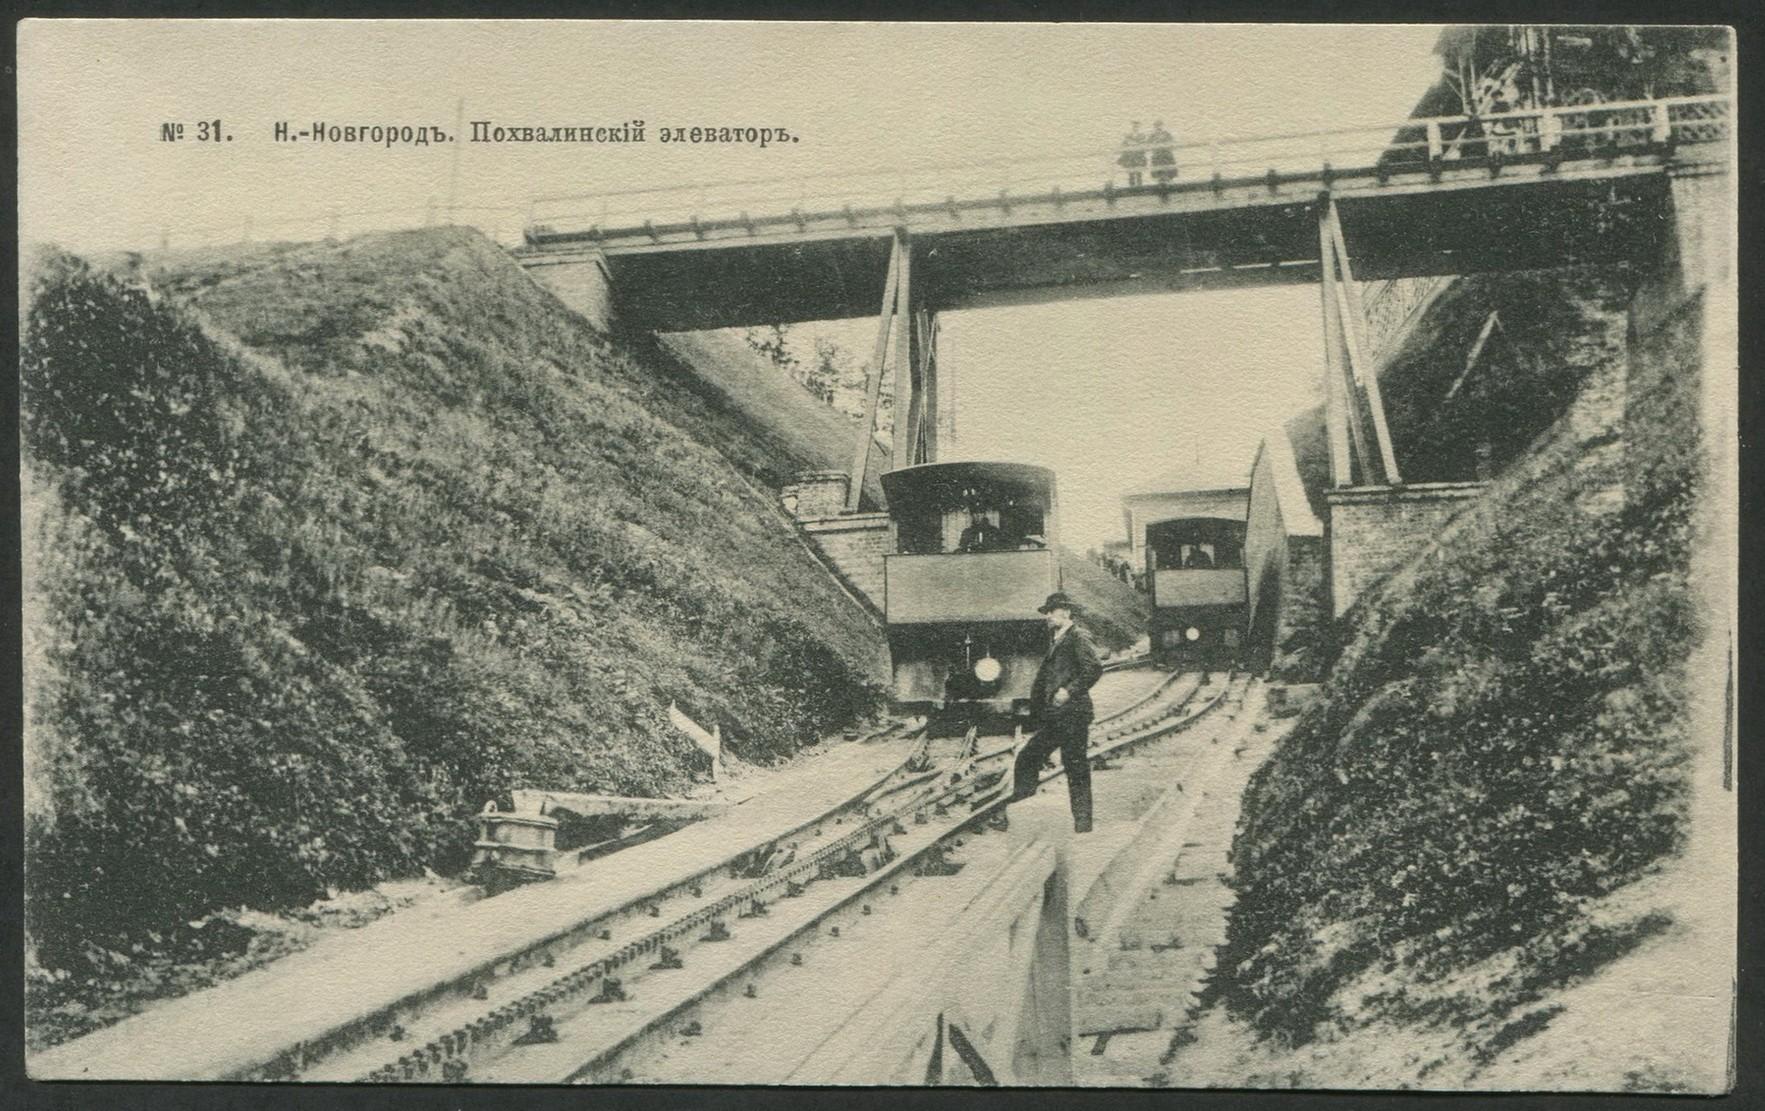 Нижний новгород похвалинский элеватор городской транспортер